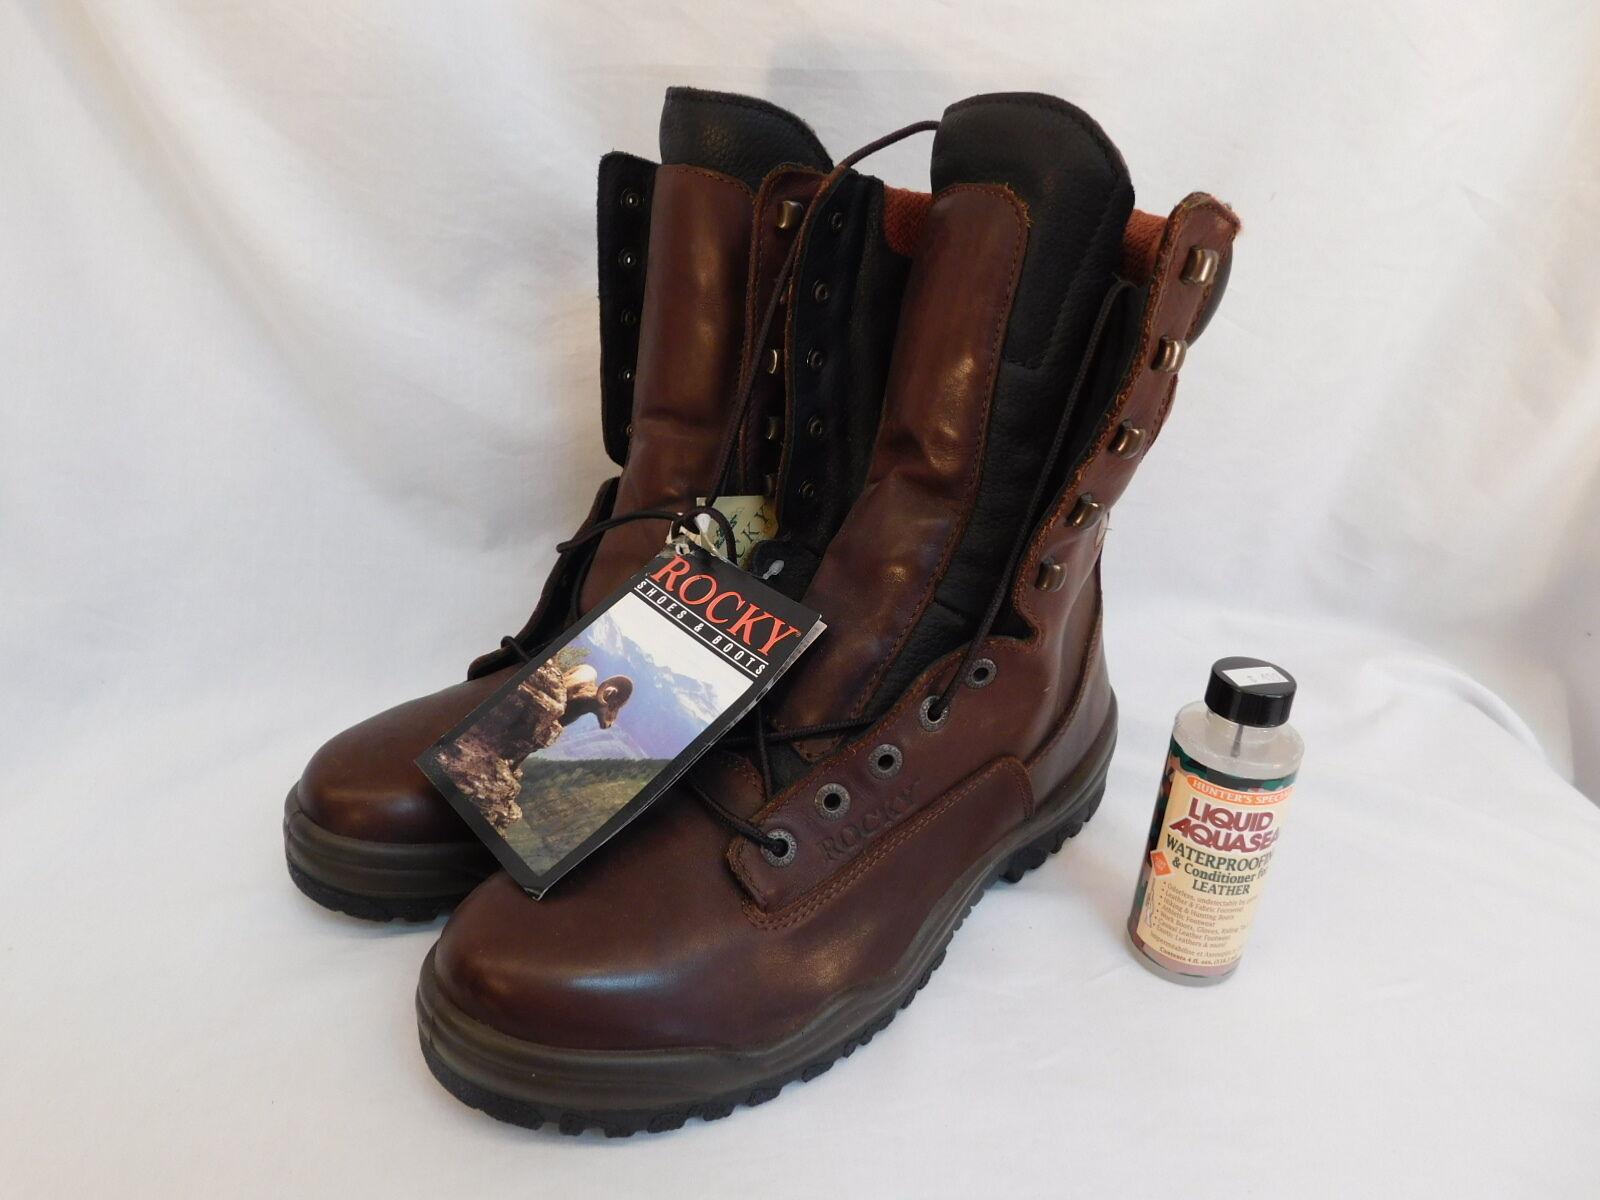 botas Parte superior de cuero Marrón Impermeable ROCKY para hombre 12M nunca usado 8518 aislado